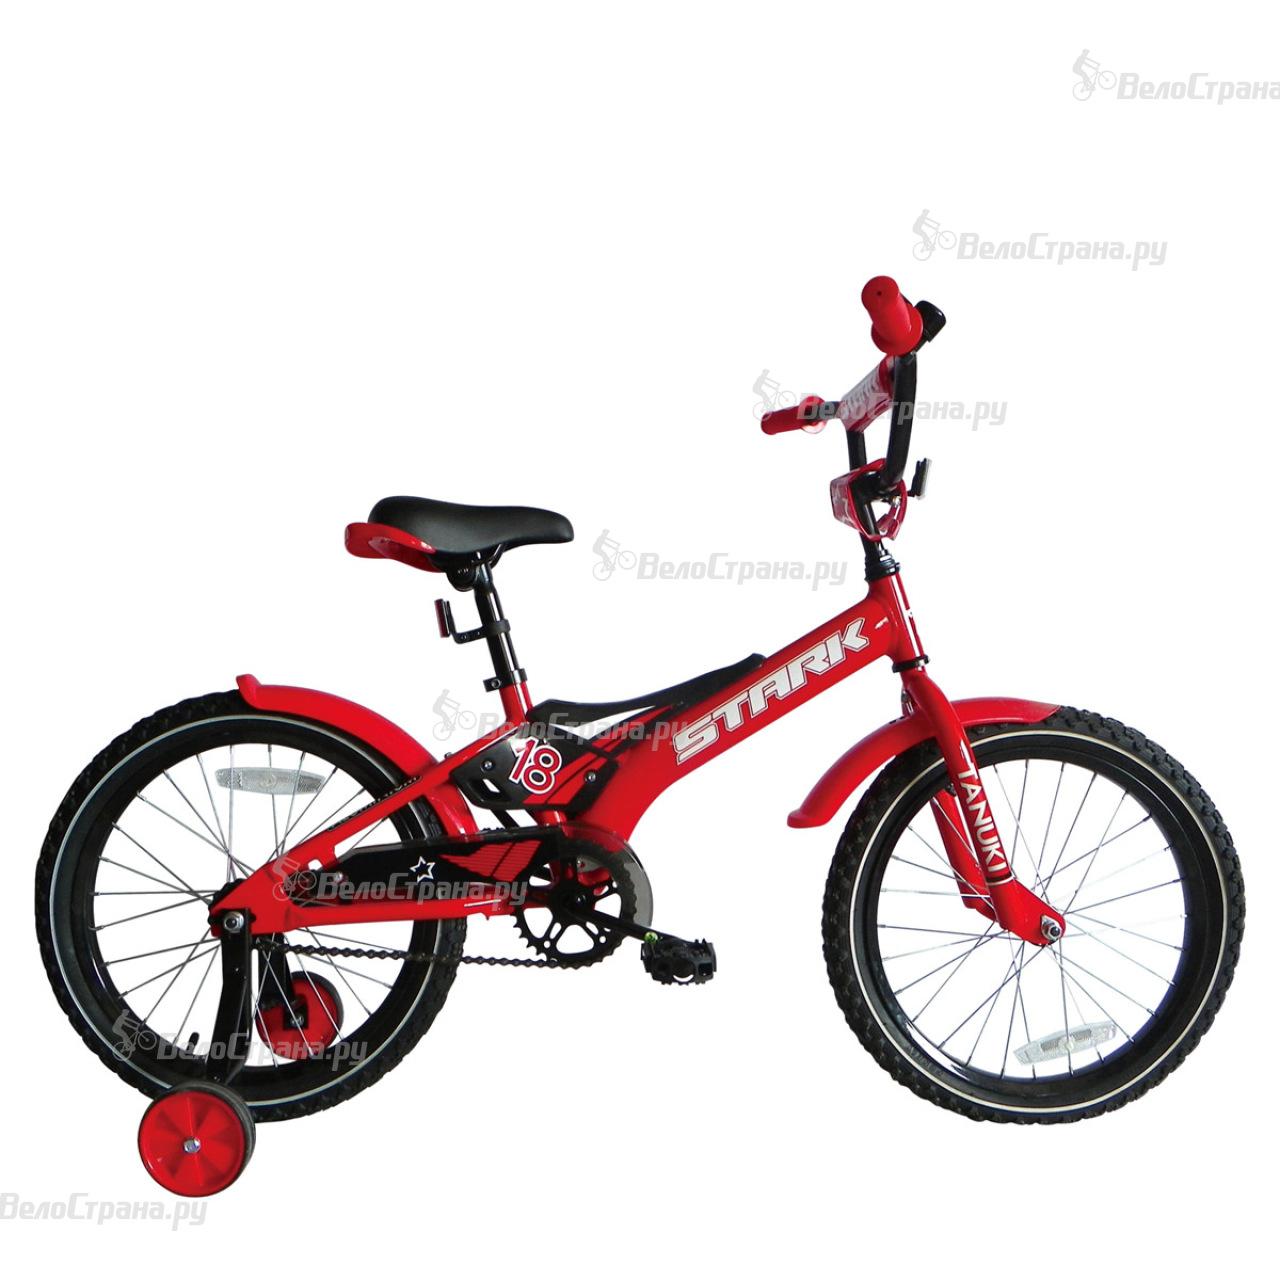 Велосипед Stark Tanuki 18 Boy (2017) велосипед stark tanuki 14 boy st 2017